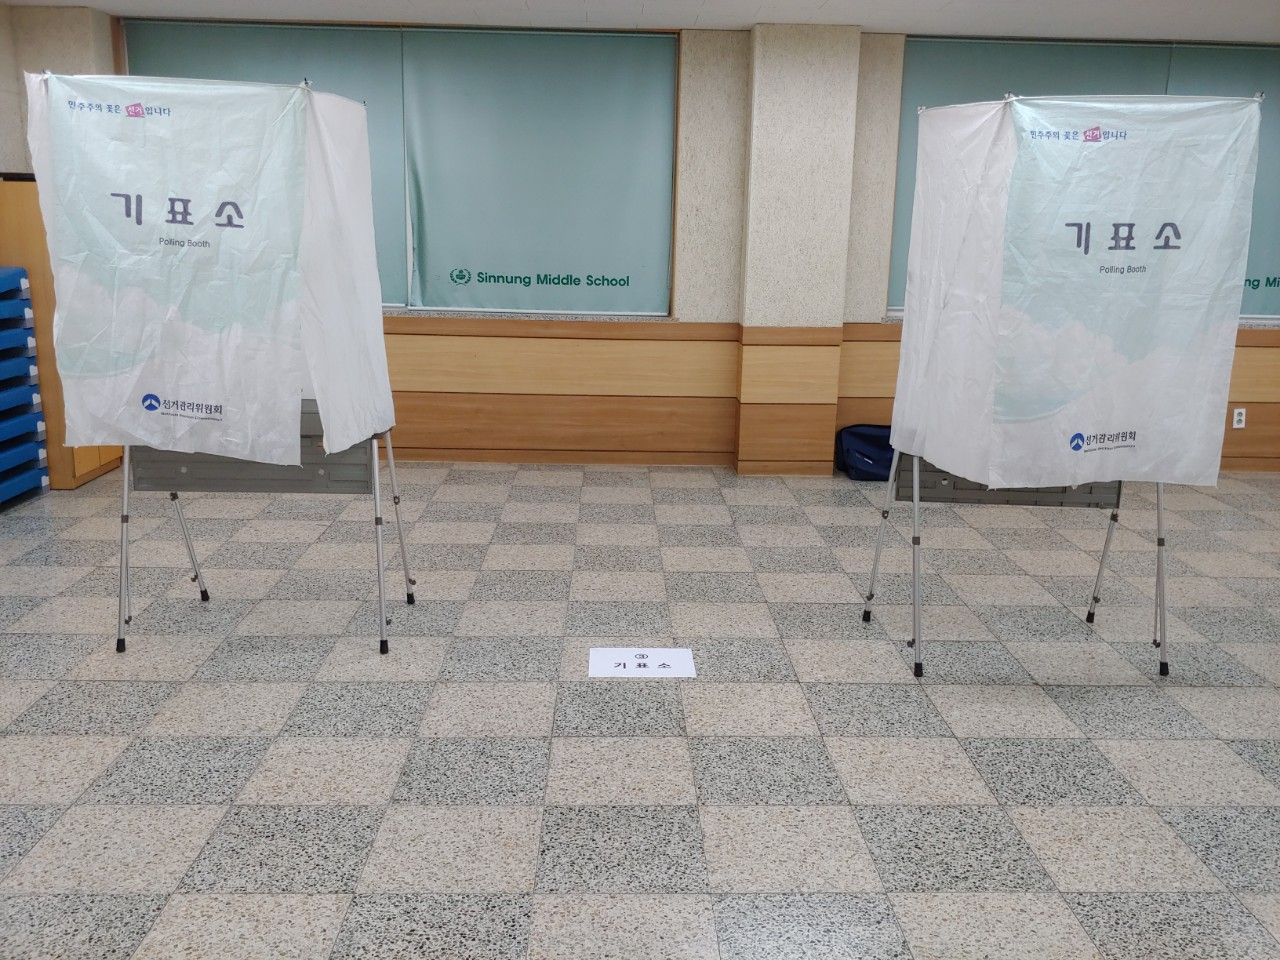 [일반] 2020학년도 신능중 학생회장·부회장 선거운동 및 후보 토론회의 첨부이미지 9